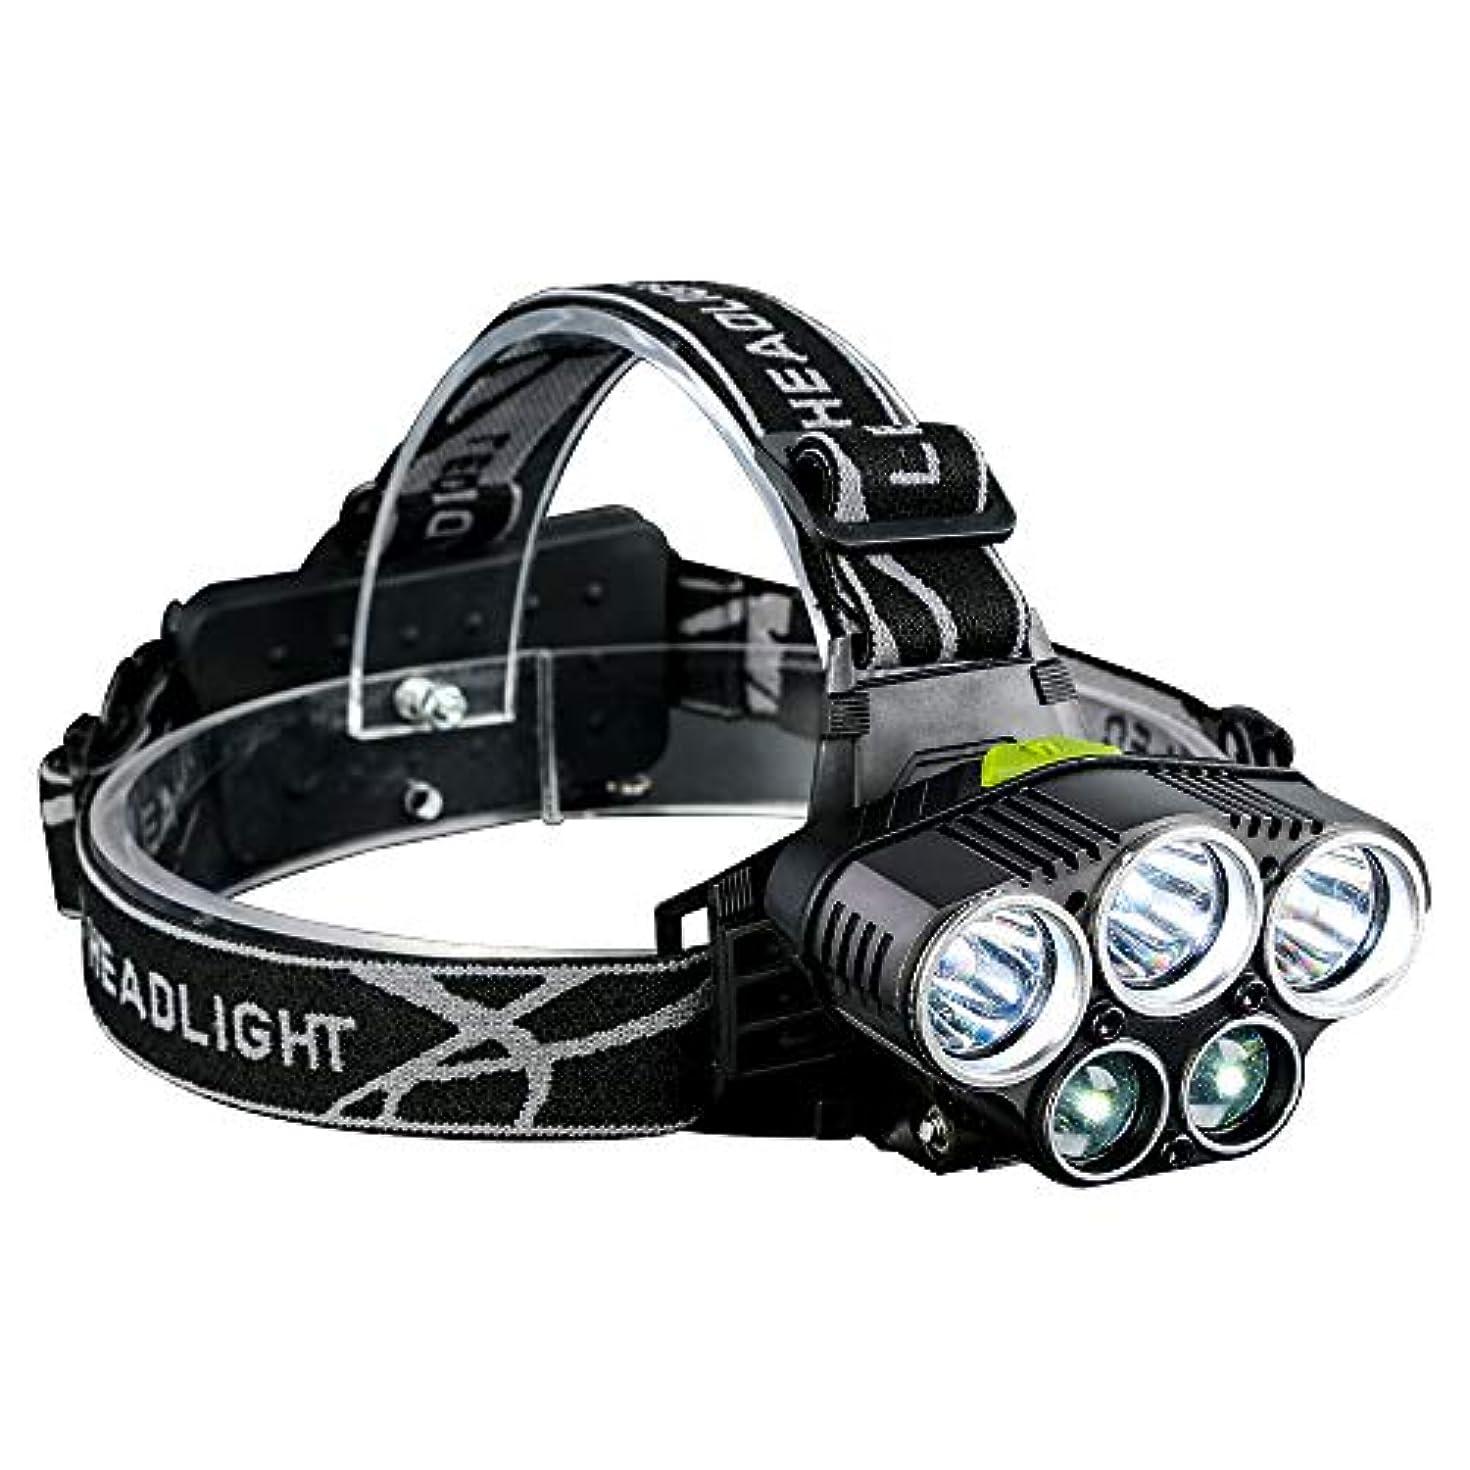 農学バンジージャンプ職人LEDヘッドライト FLYYUK 超高輝度 5点灯モード 90°調整可能 軽量 防水 り アウトドア作業SOSフラッシュ機能 夜釣り/山登り/キャンピング/防災